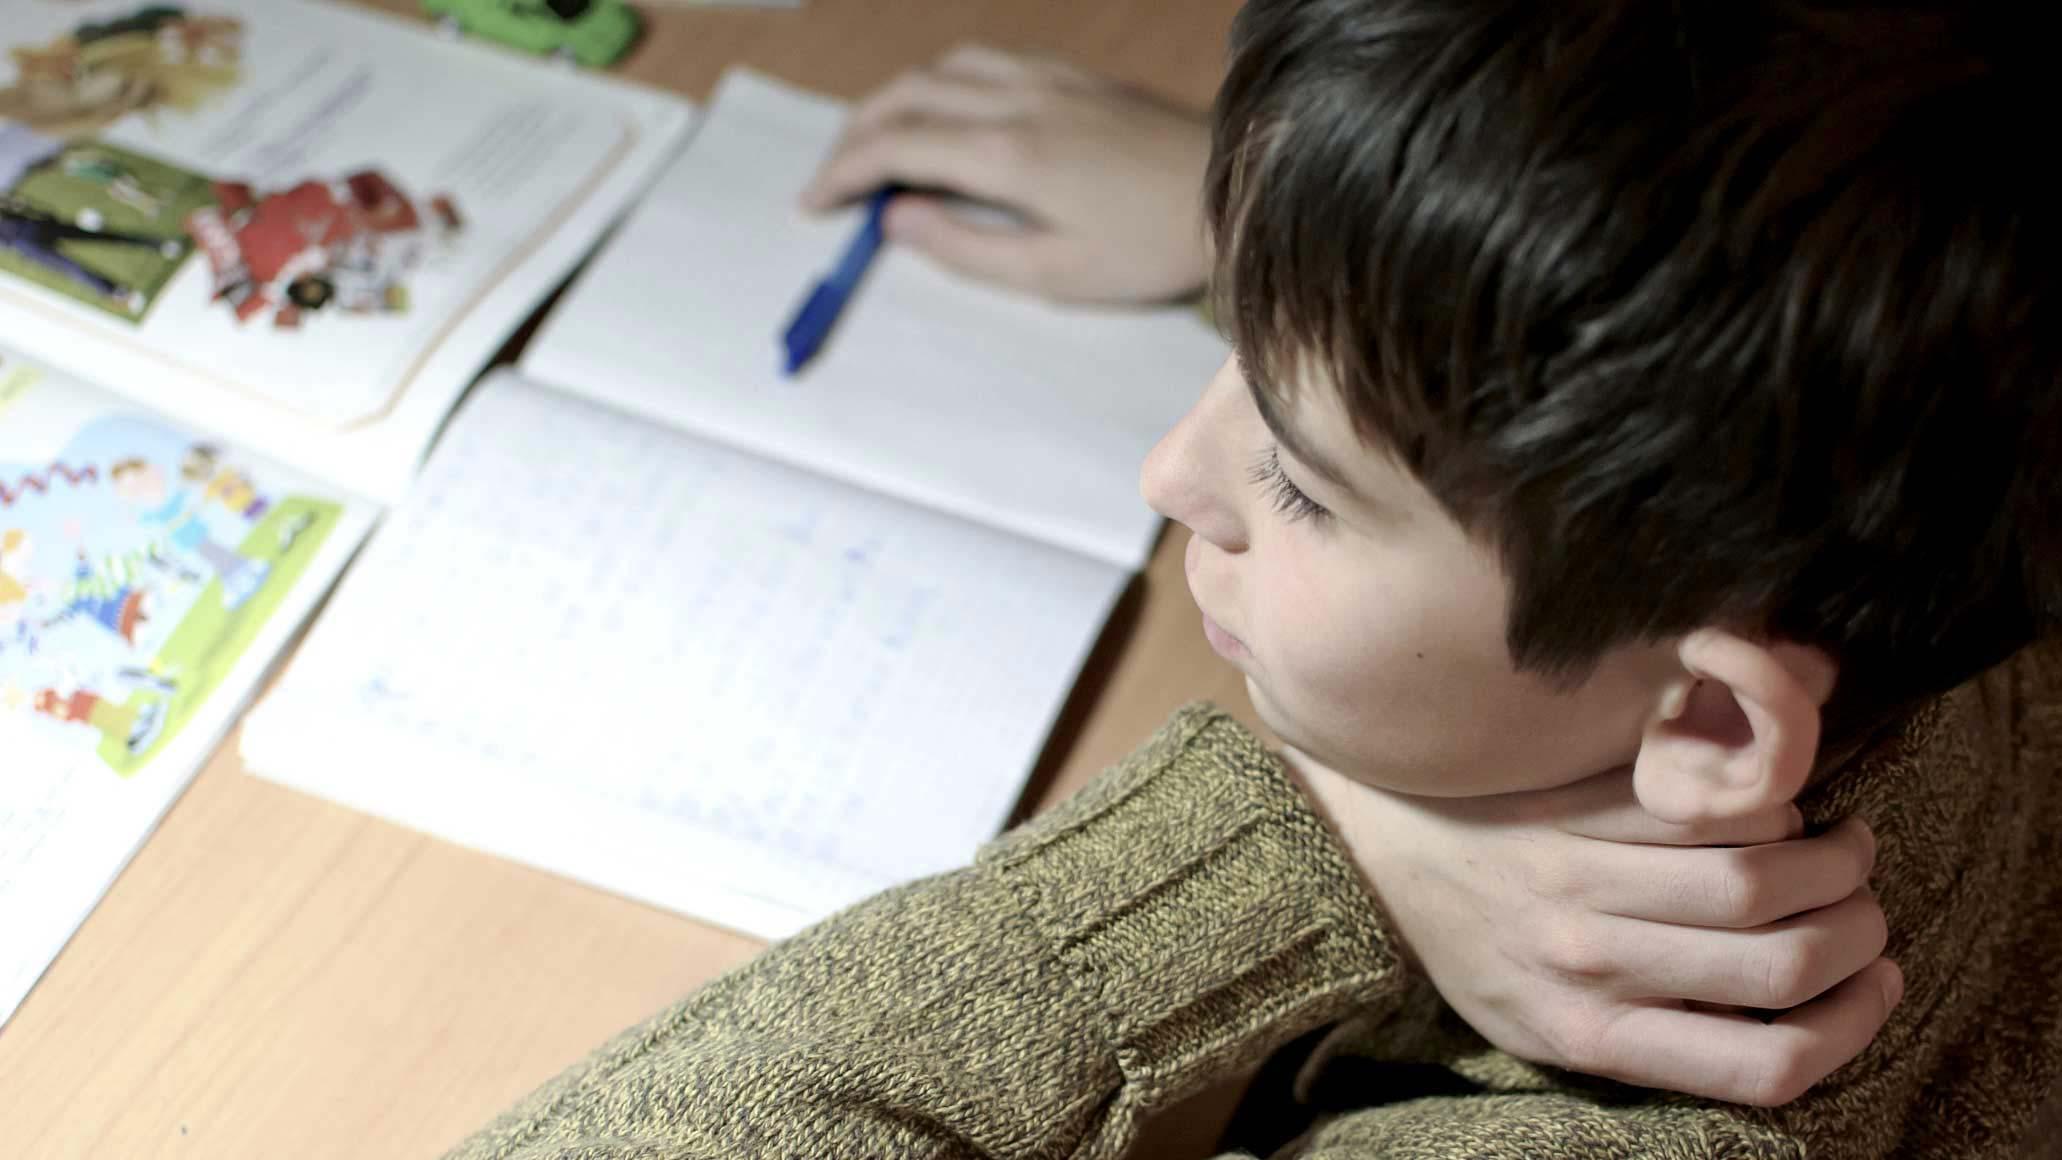 «Το φανταστικό μου σπίτι» Δραστηριότητα ανάπτυξης λεξιλογίου σε παιδιά με Μαθησιακές Δυσκολίες